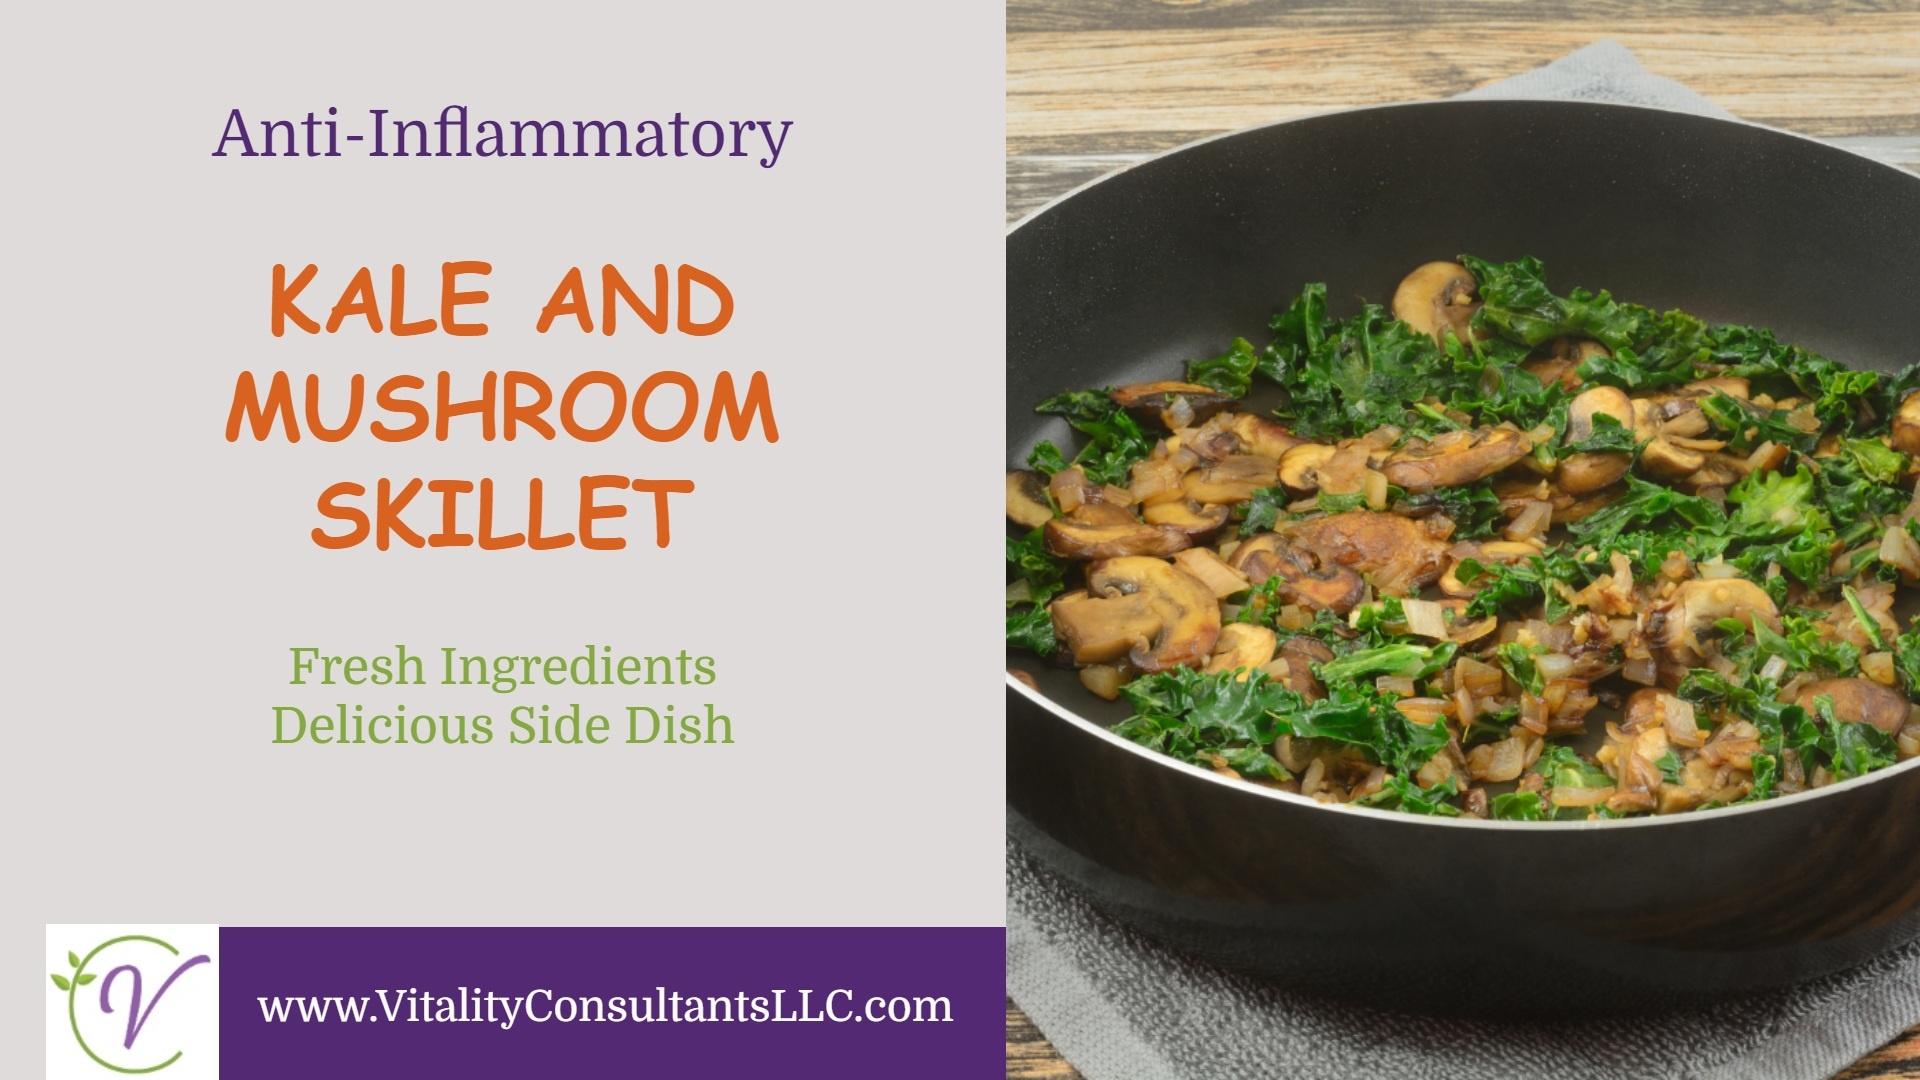 Kale and Mushroom Skillet